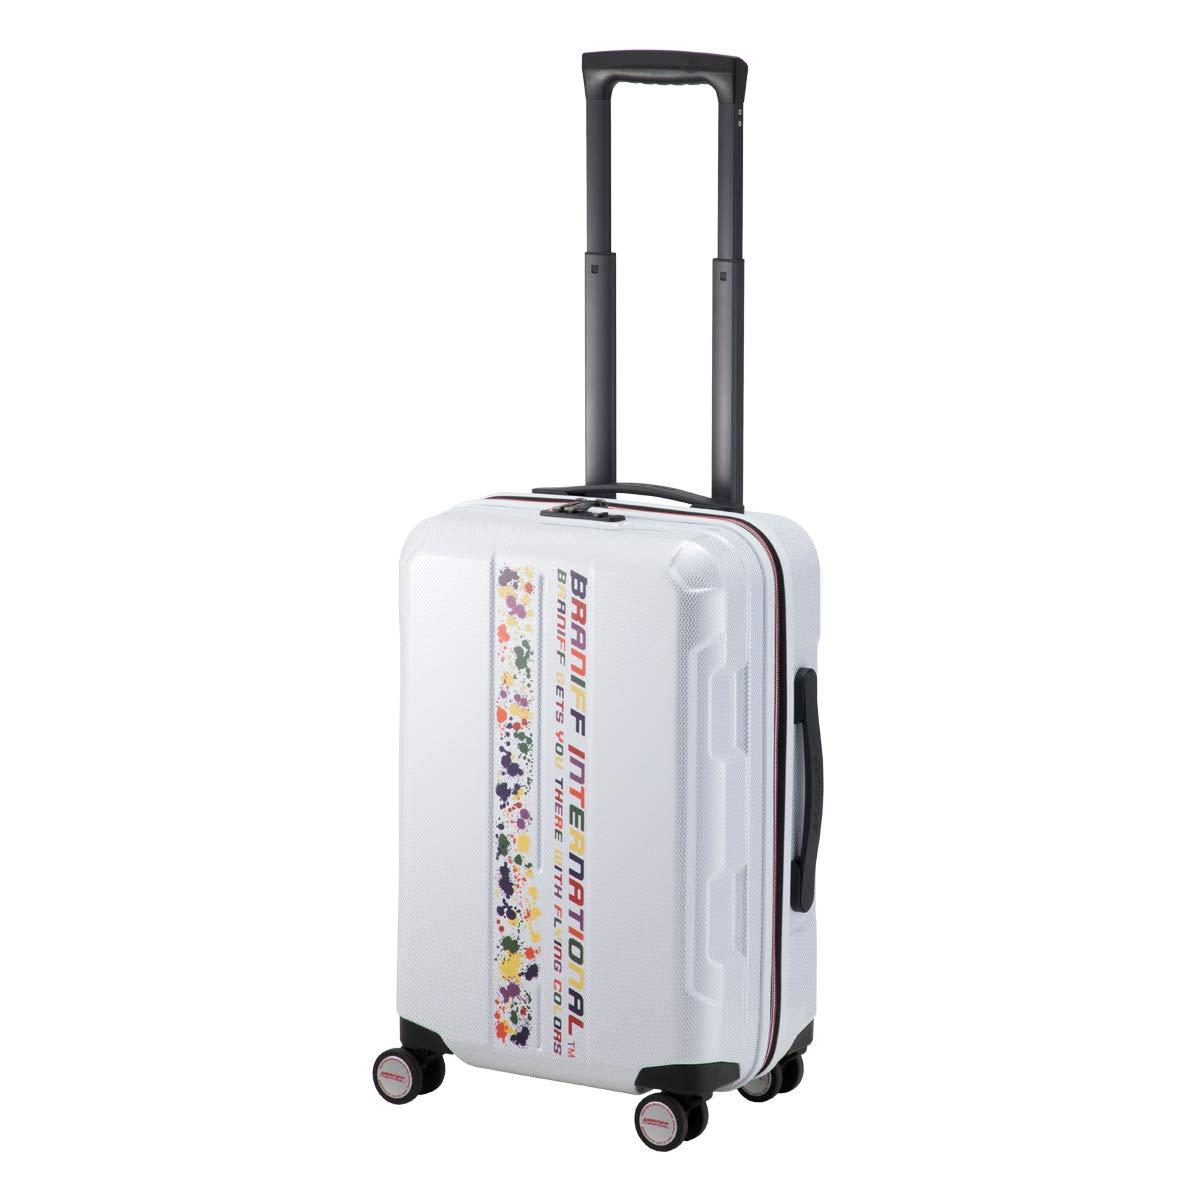 [ブラニフ] スーツケース 当社限定カラー 52L 56cm 3.4kg 787-56 B07NWCVLMV 【BI-08】ホワイト(当社限定)